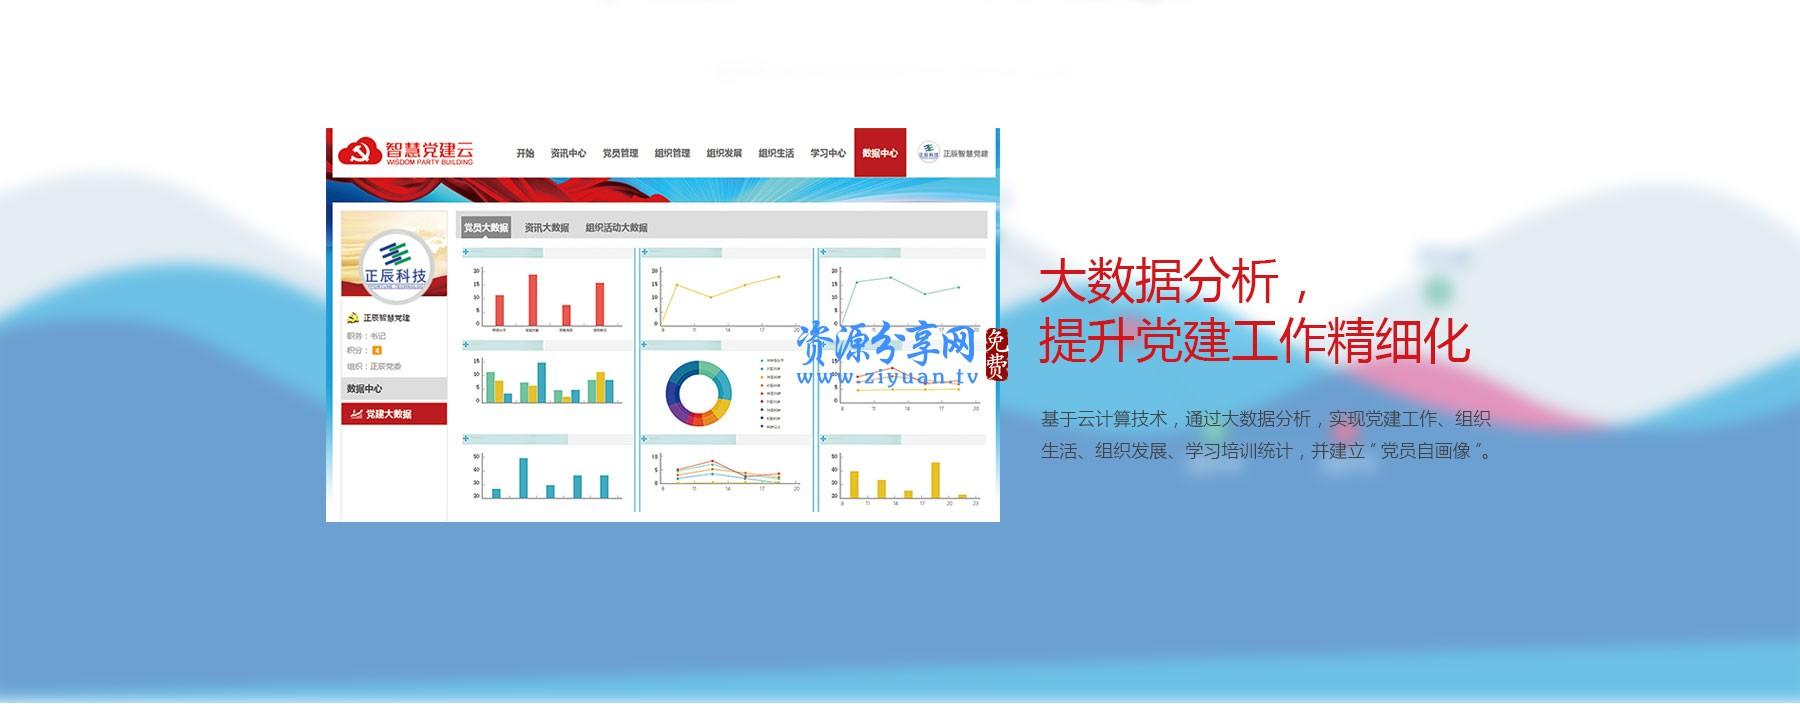 智慧党建云平台 V2.4.4